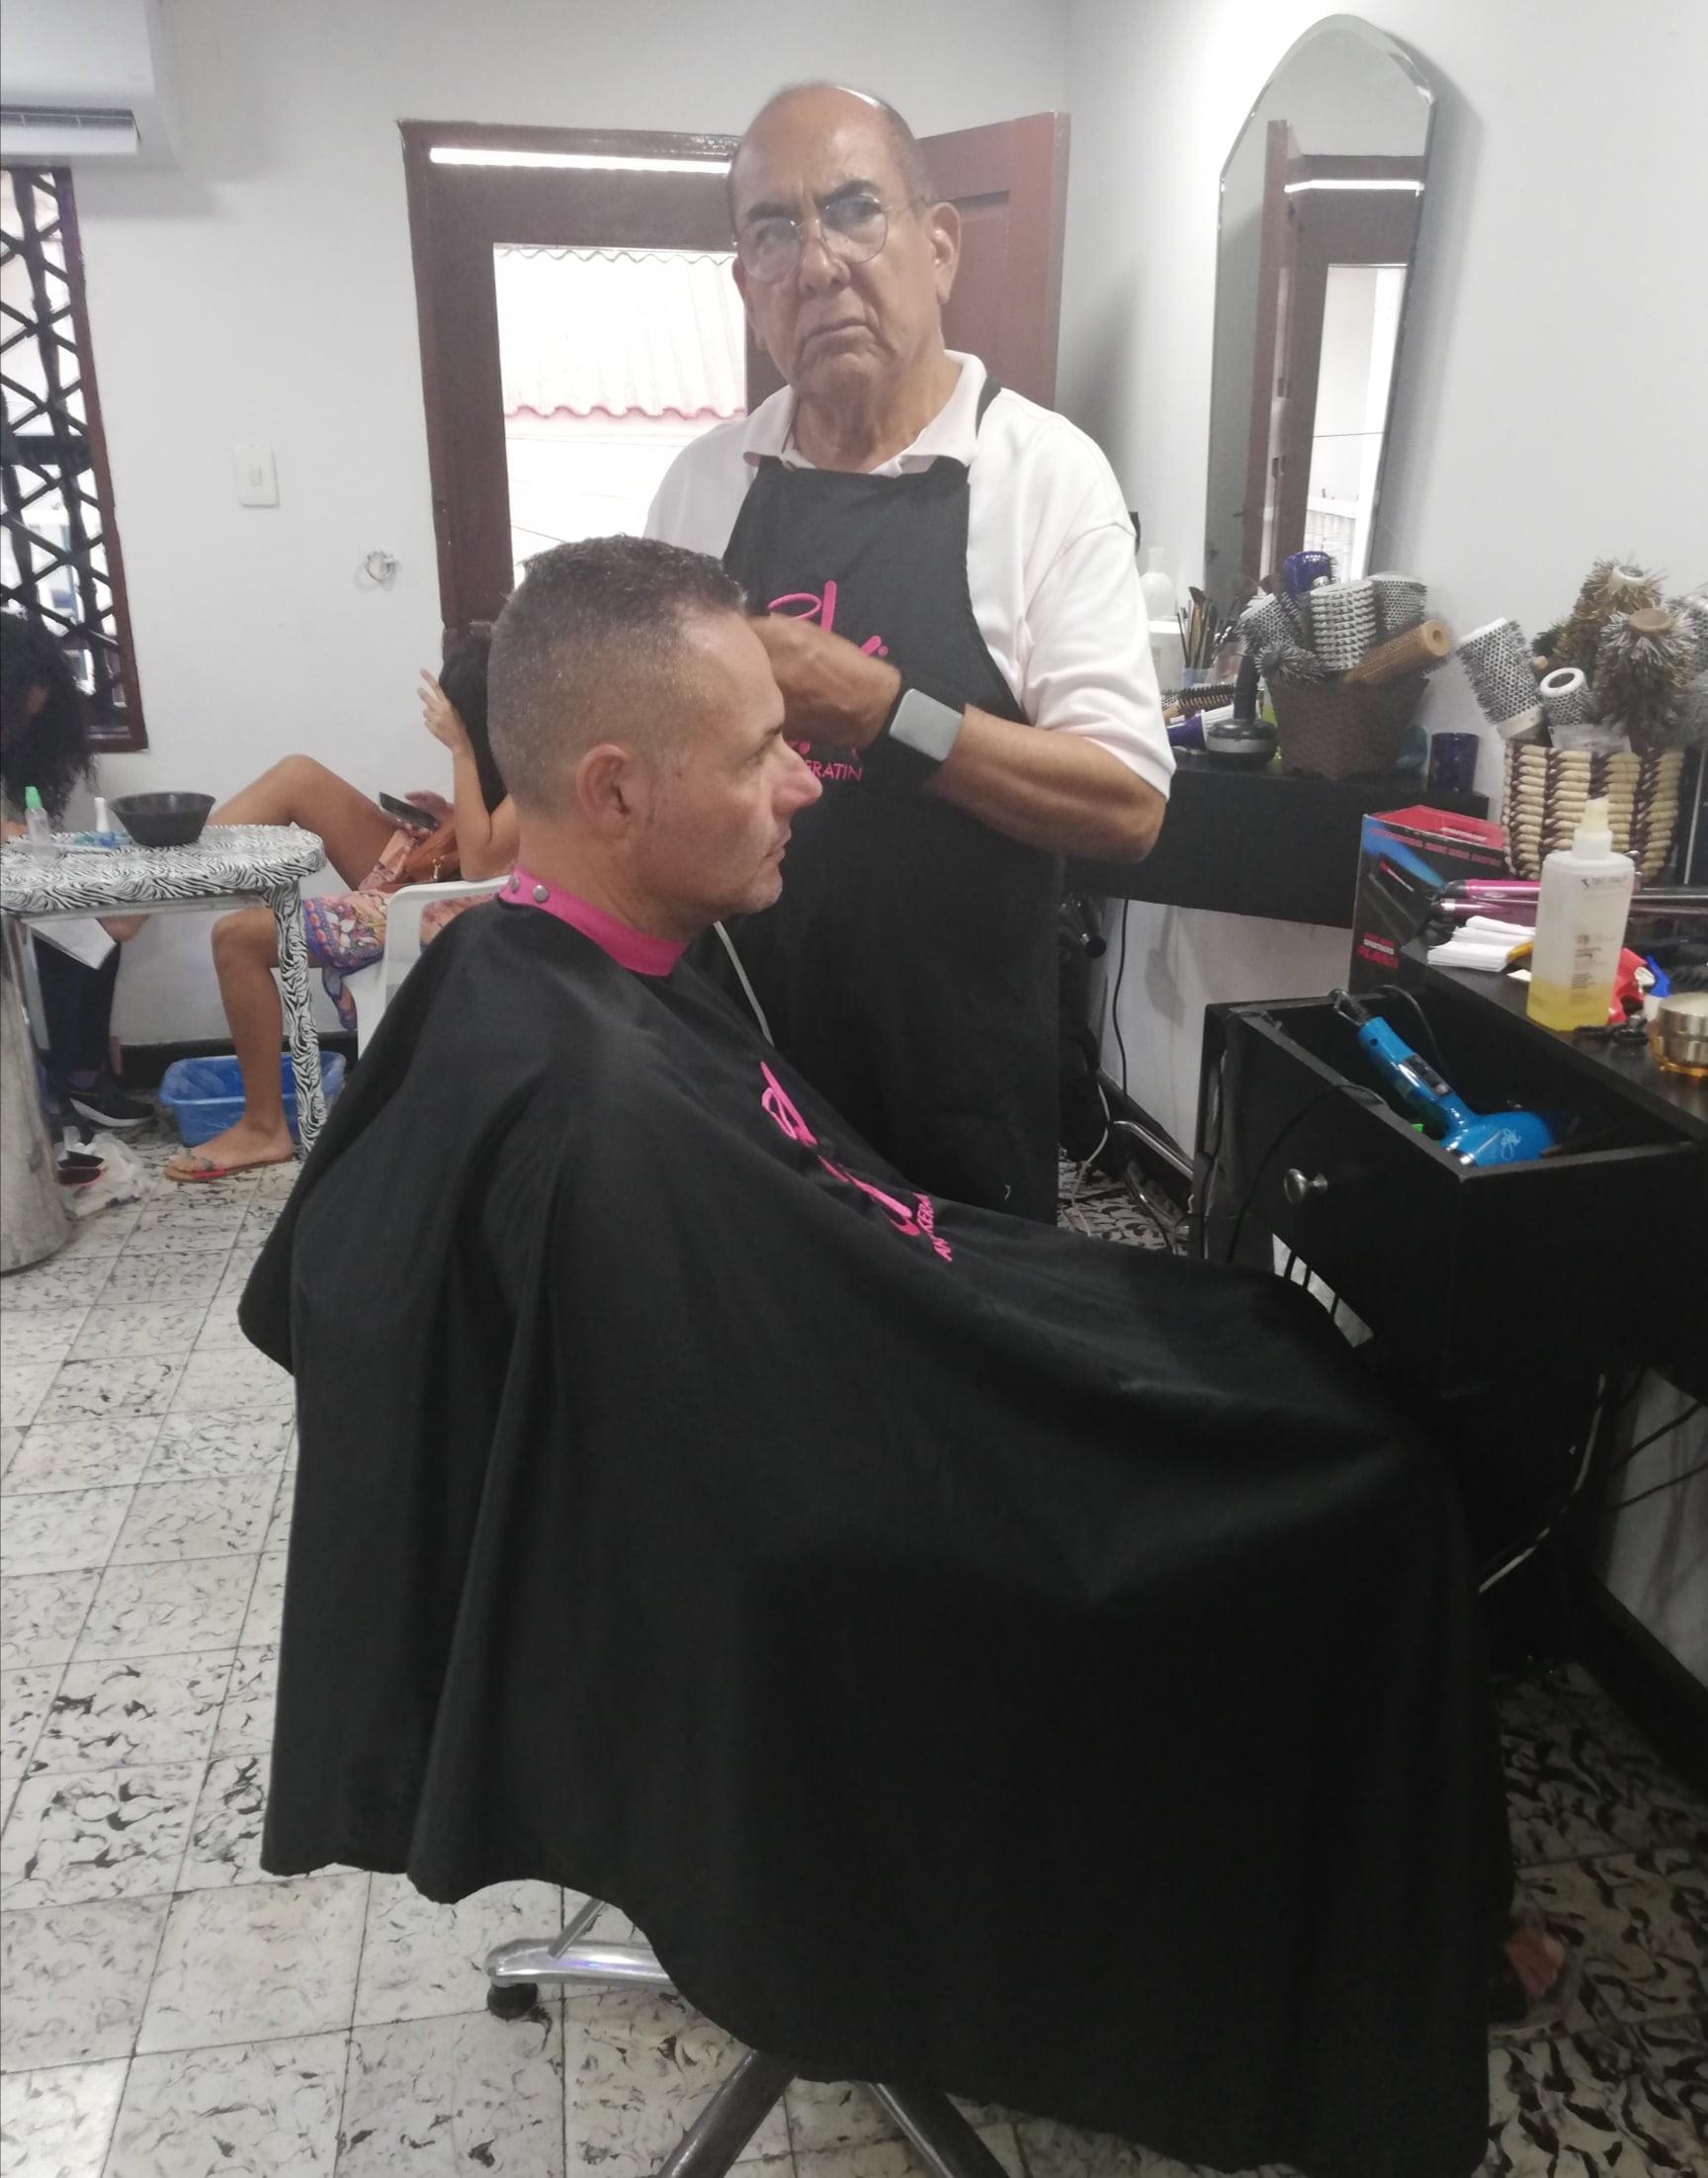 TAGLIO DI CAPELLI CARTAGENA DE INDIAS COLOMBIA